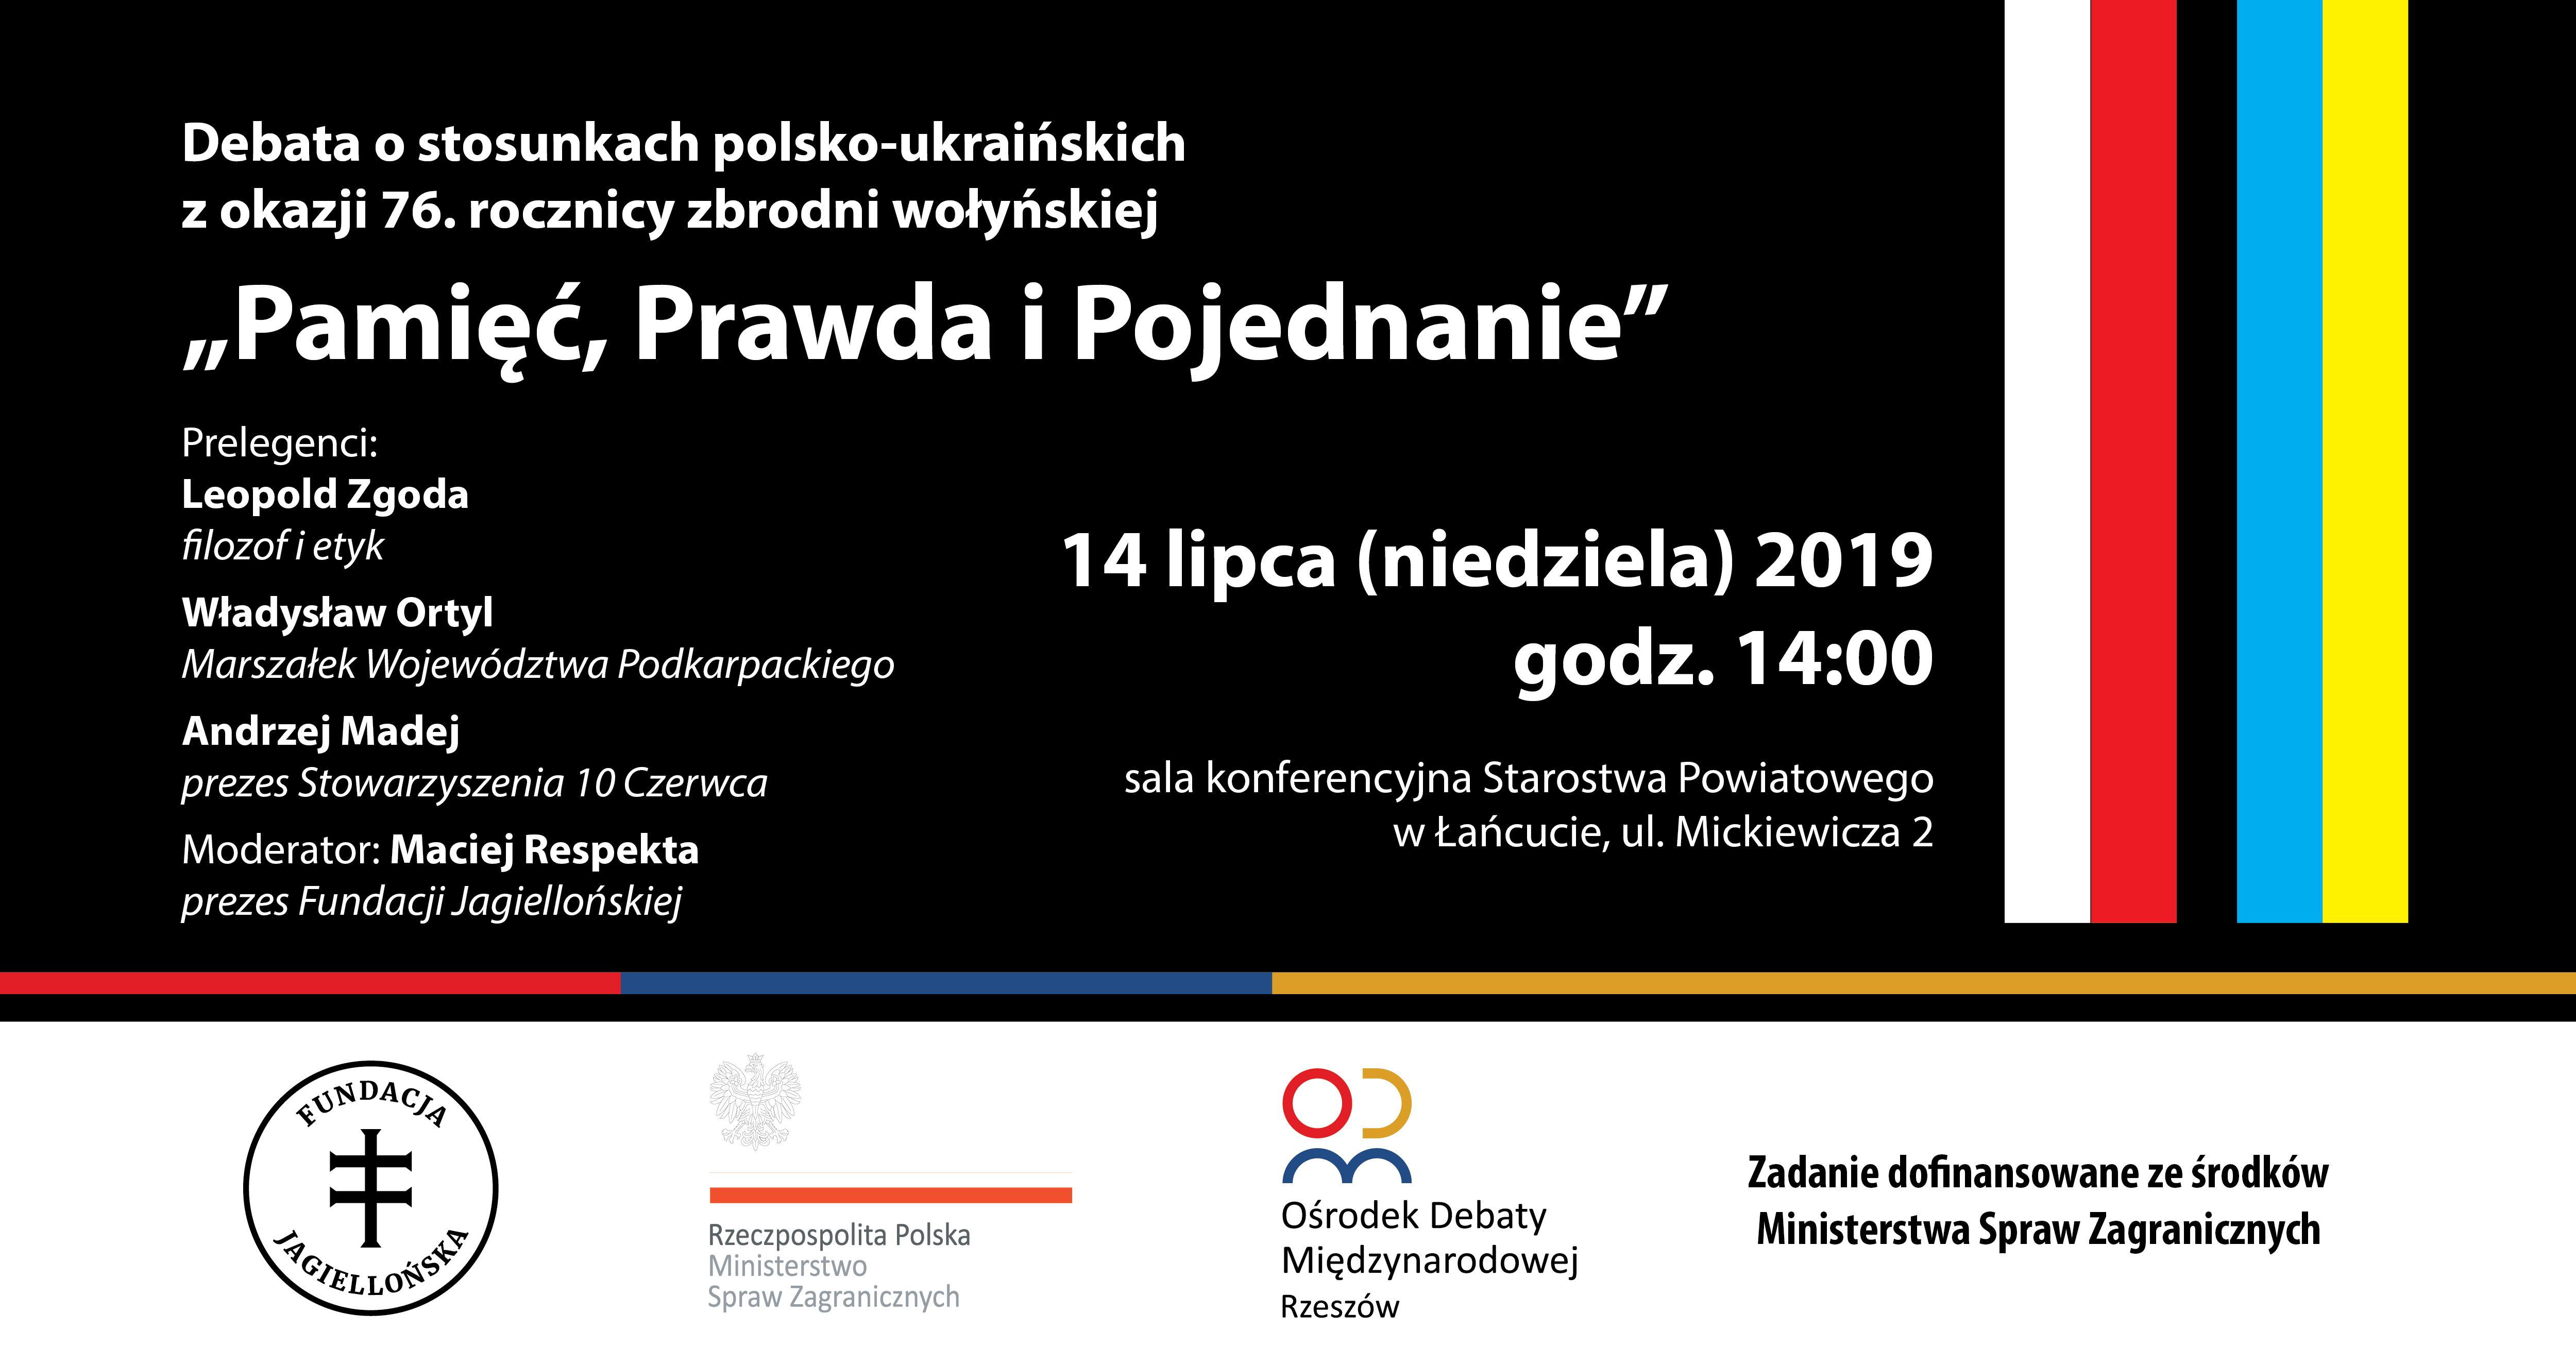 TŁO WYDARZENIA_PRELEGENCI-01